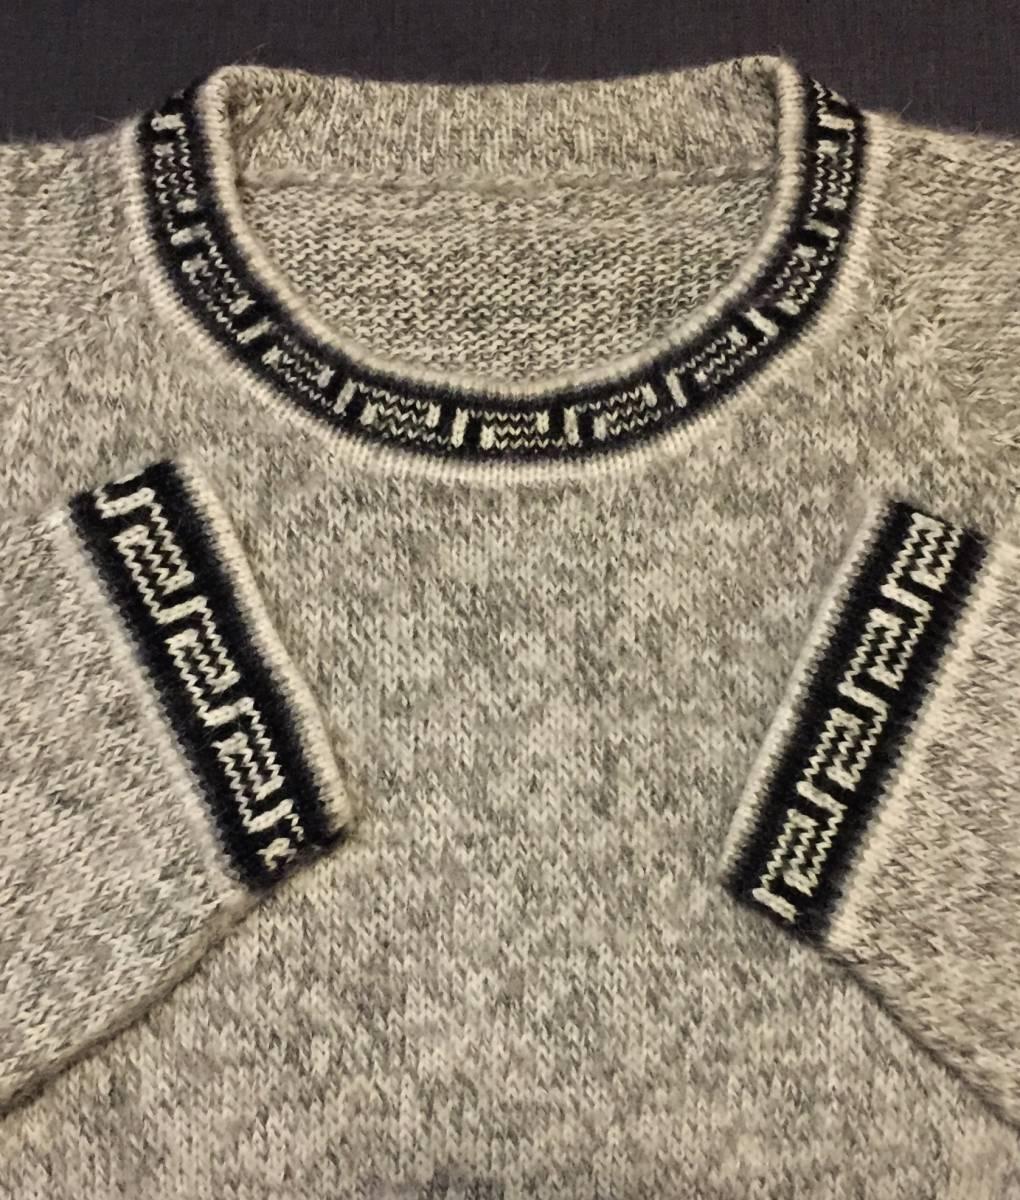 希少種90s80sオールド卍ネイティブ柄セーターMLサイズ毛アルパカ杢ミックスニット霜降りグレー黒グルカ90年代80年代ビンテージ/モヘア_画像2